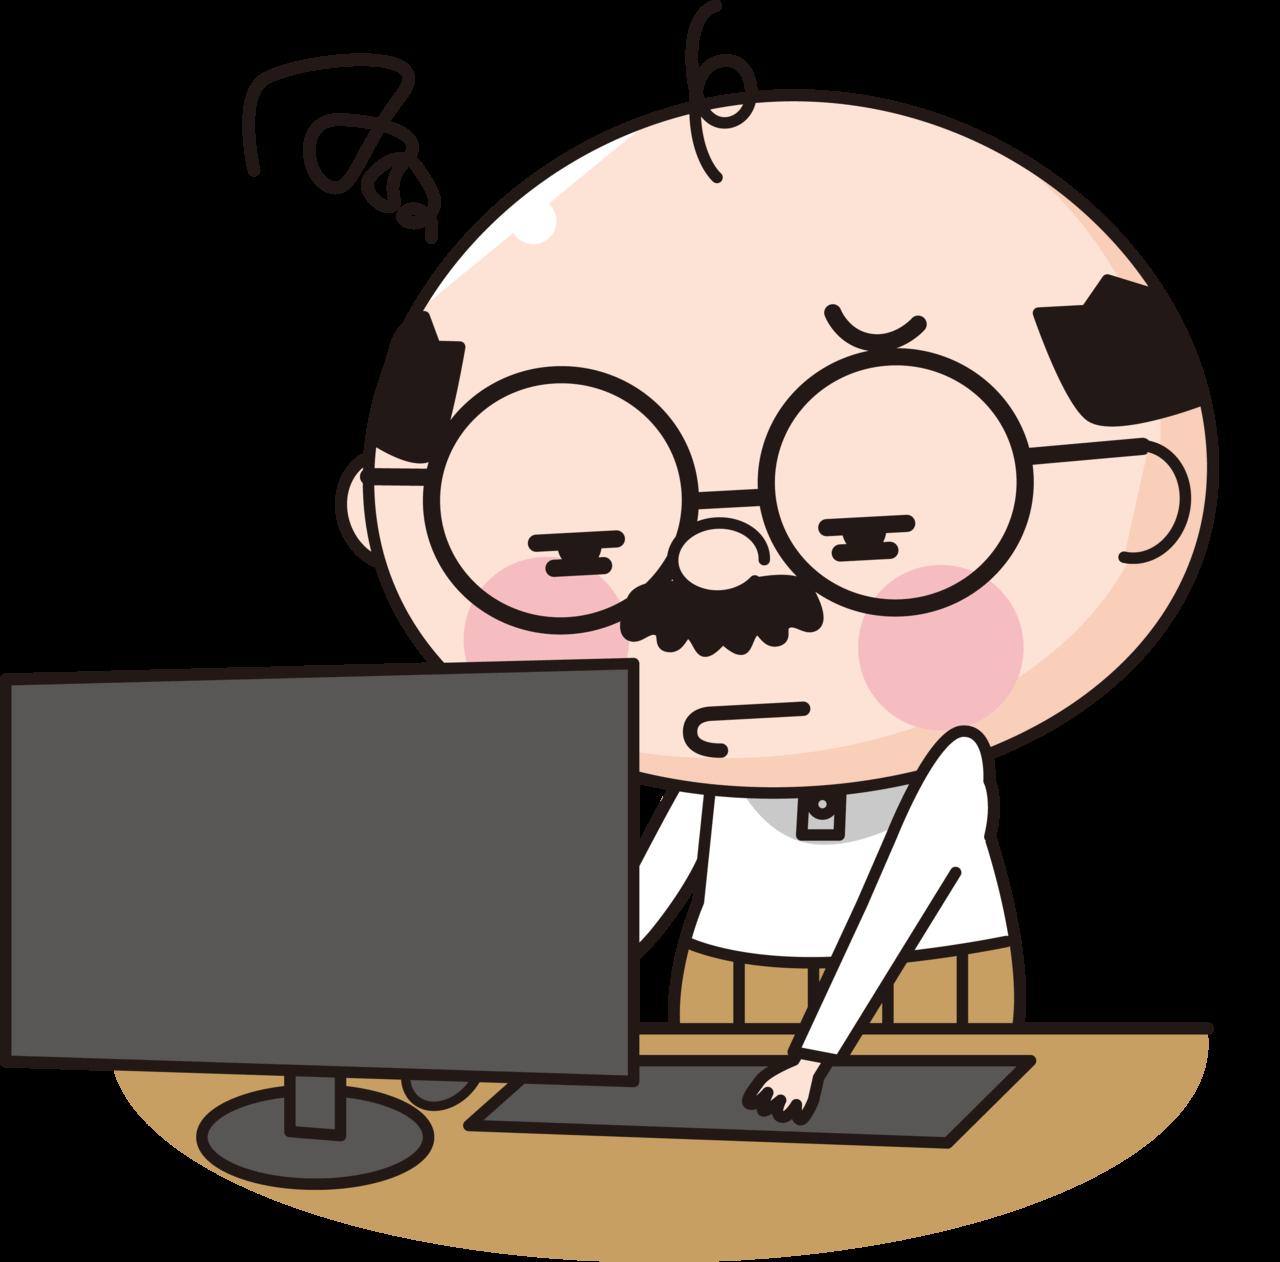 パソコンをする人。困った編